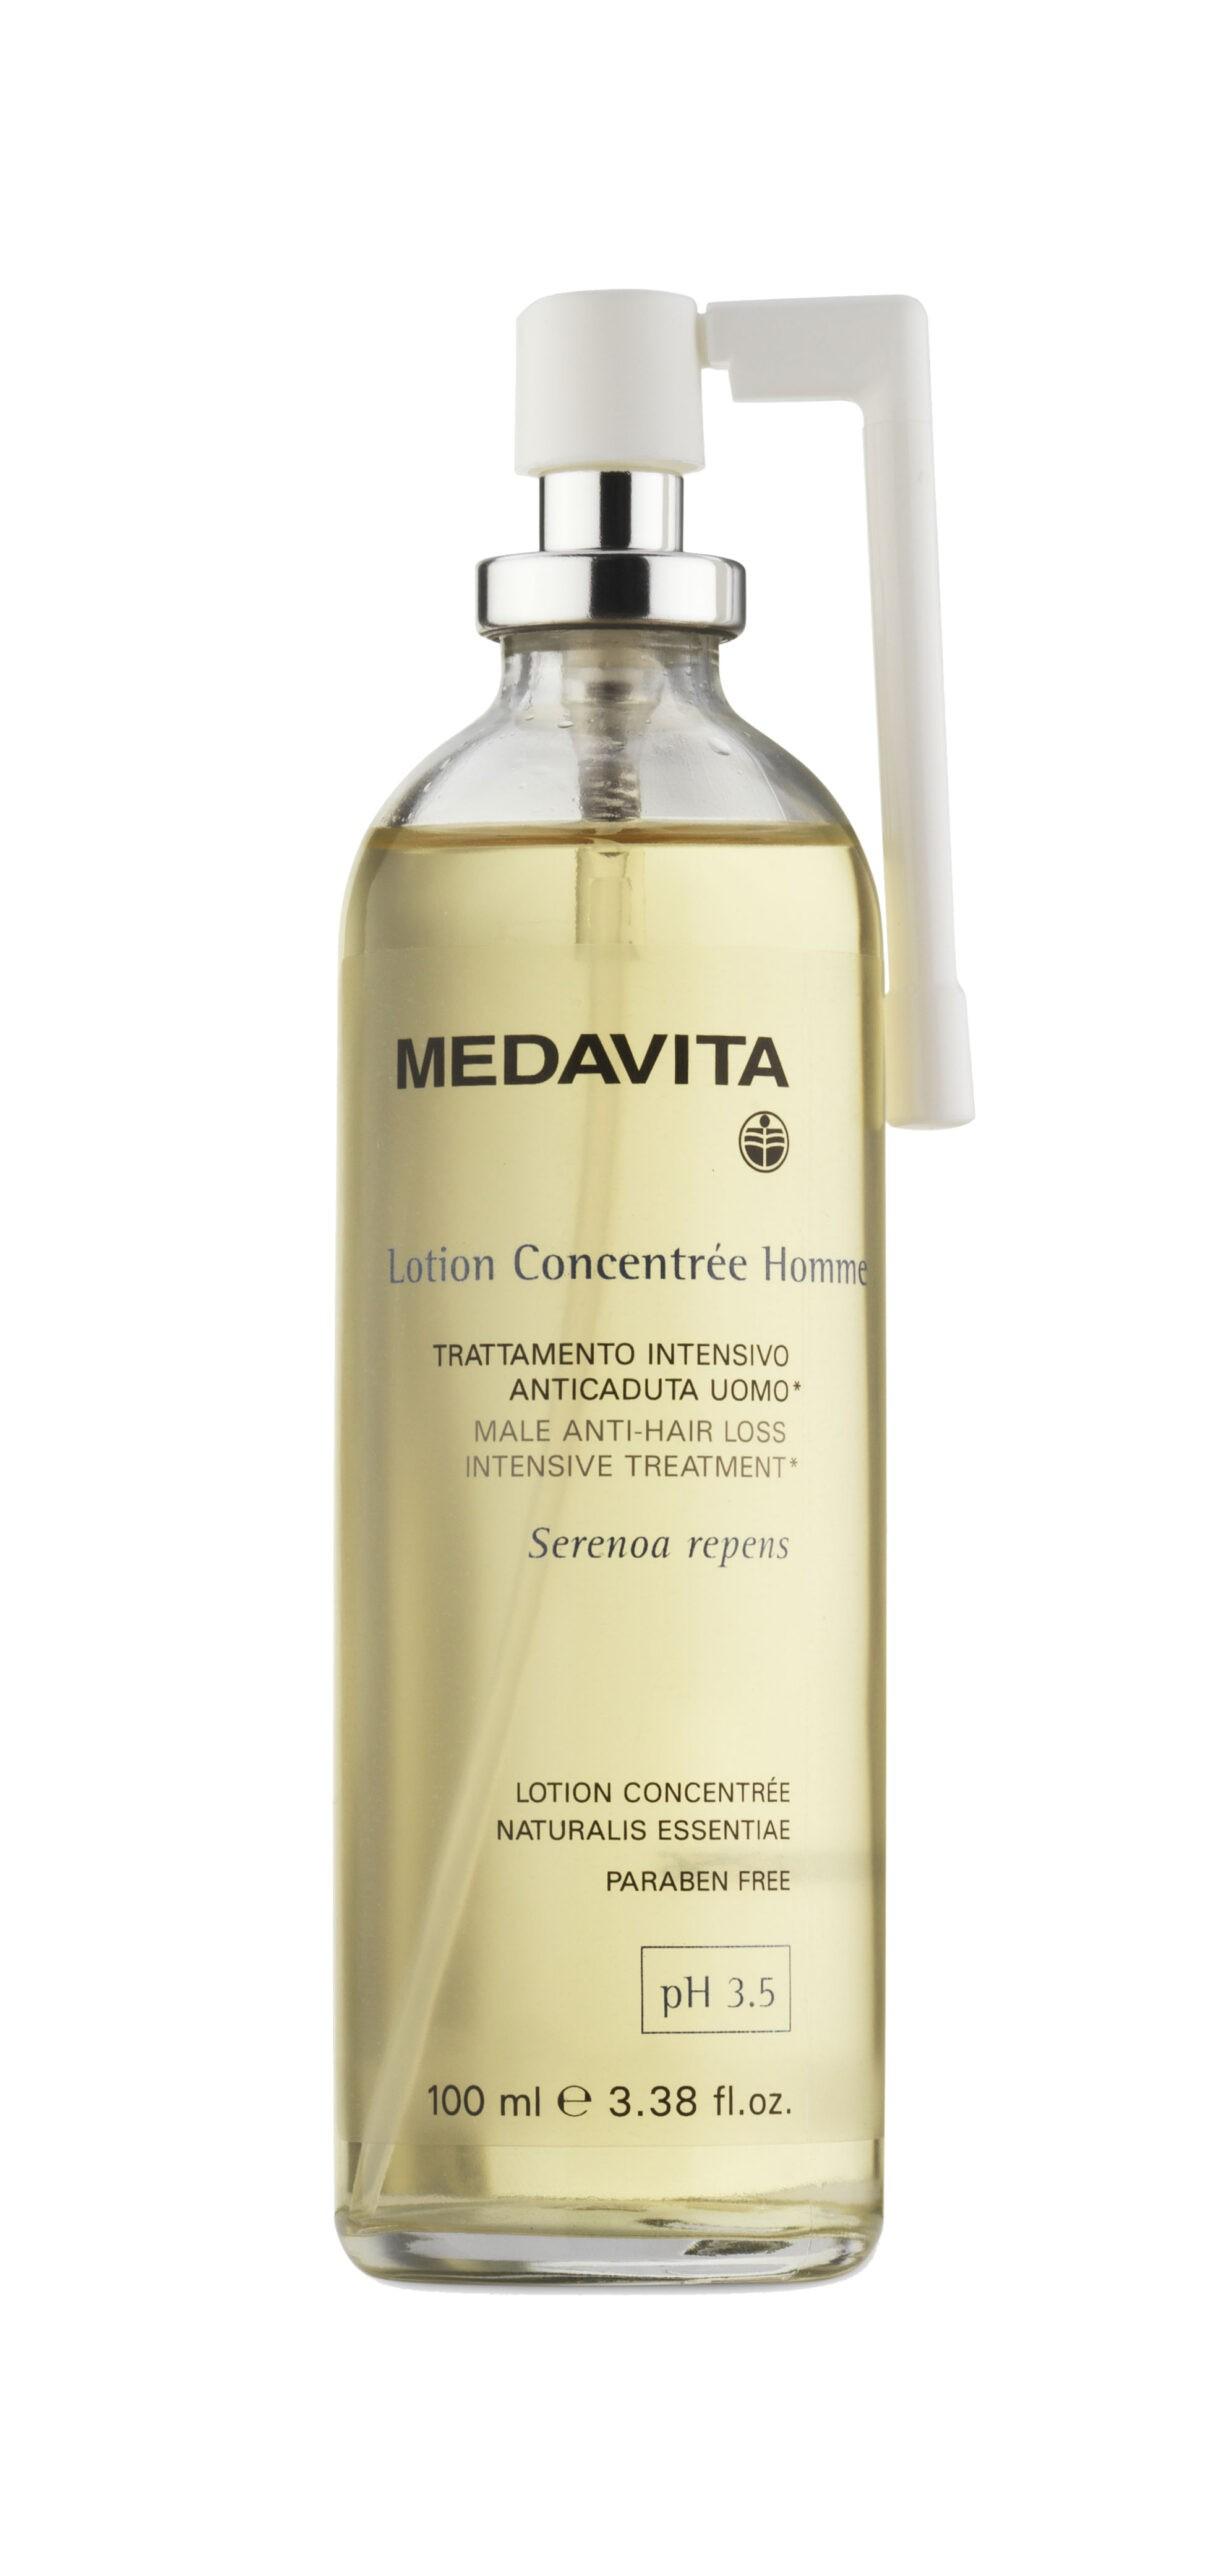 Lotion Concentree интенсивный лосьон с распылителем Medavita Италия — фото №1